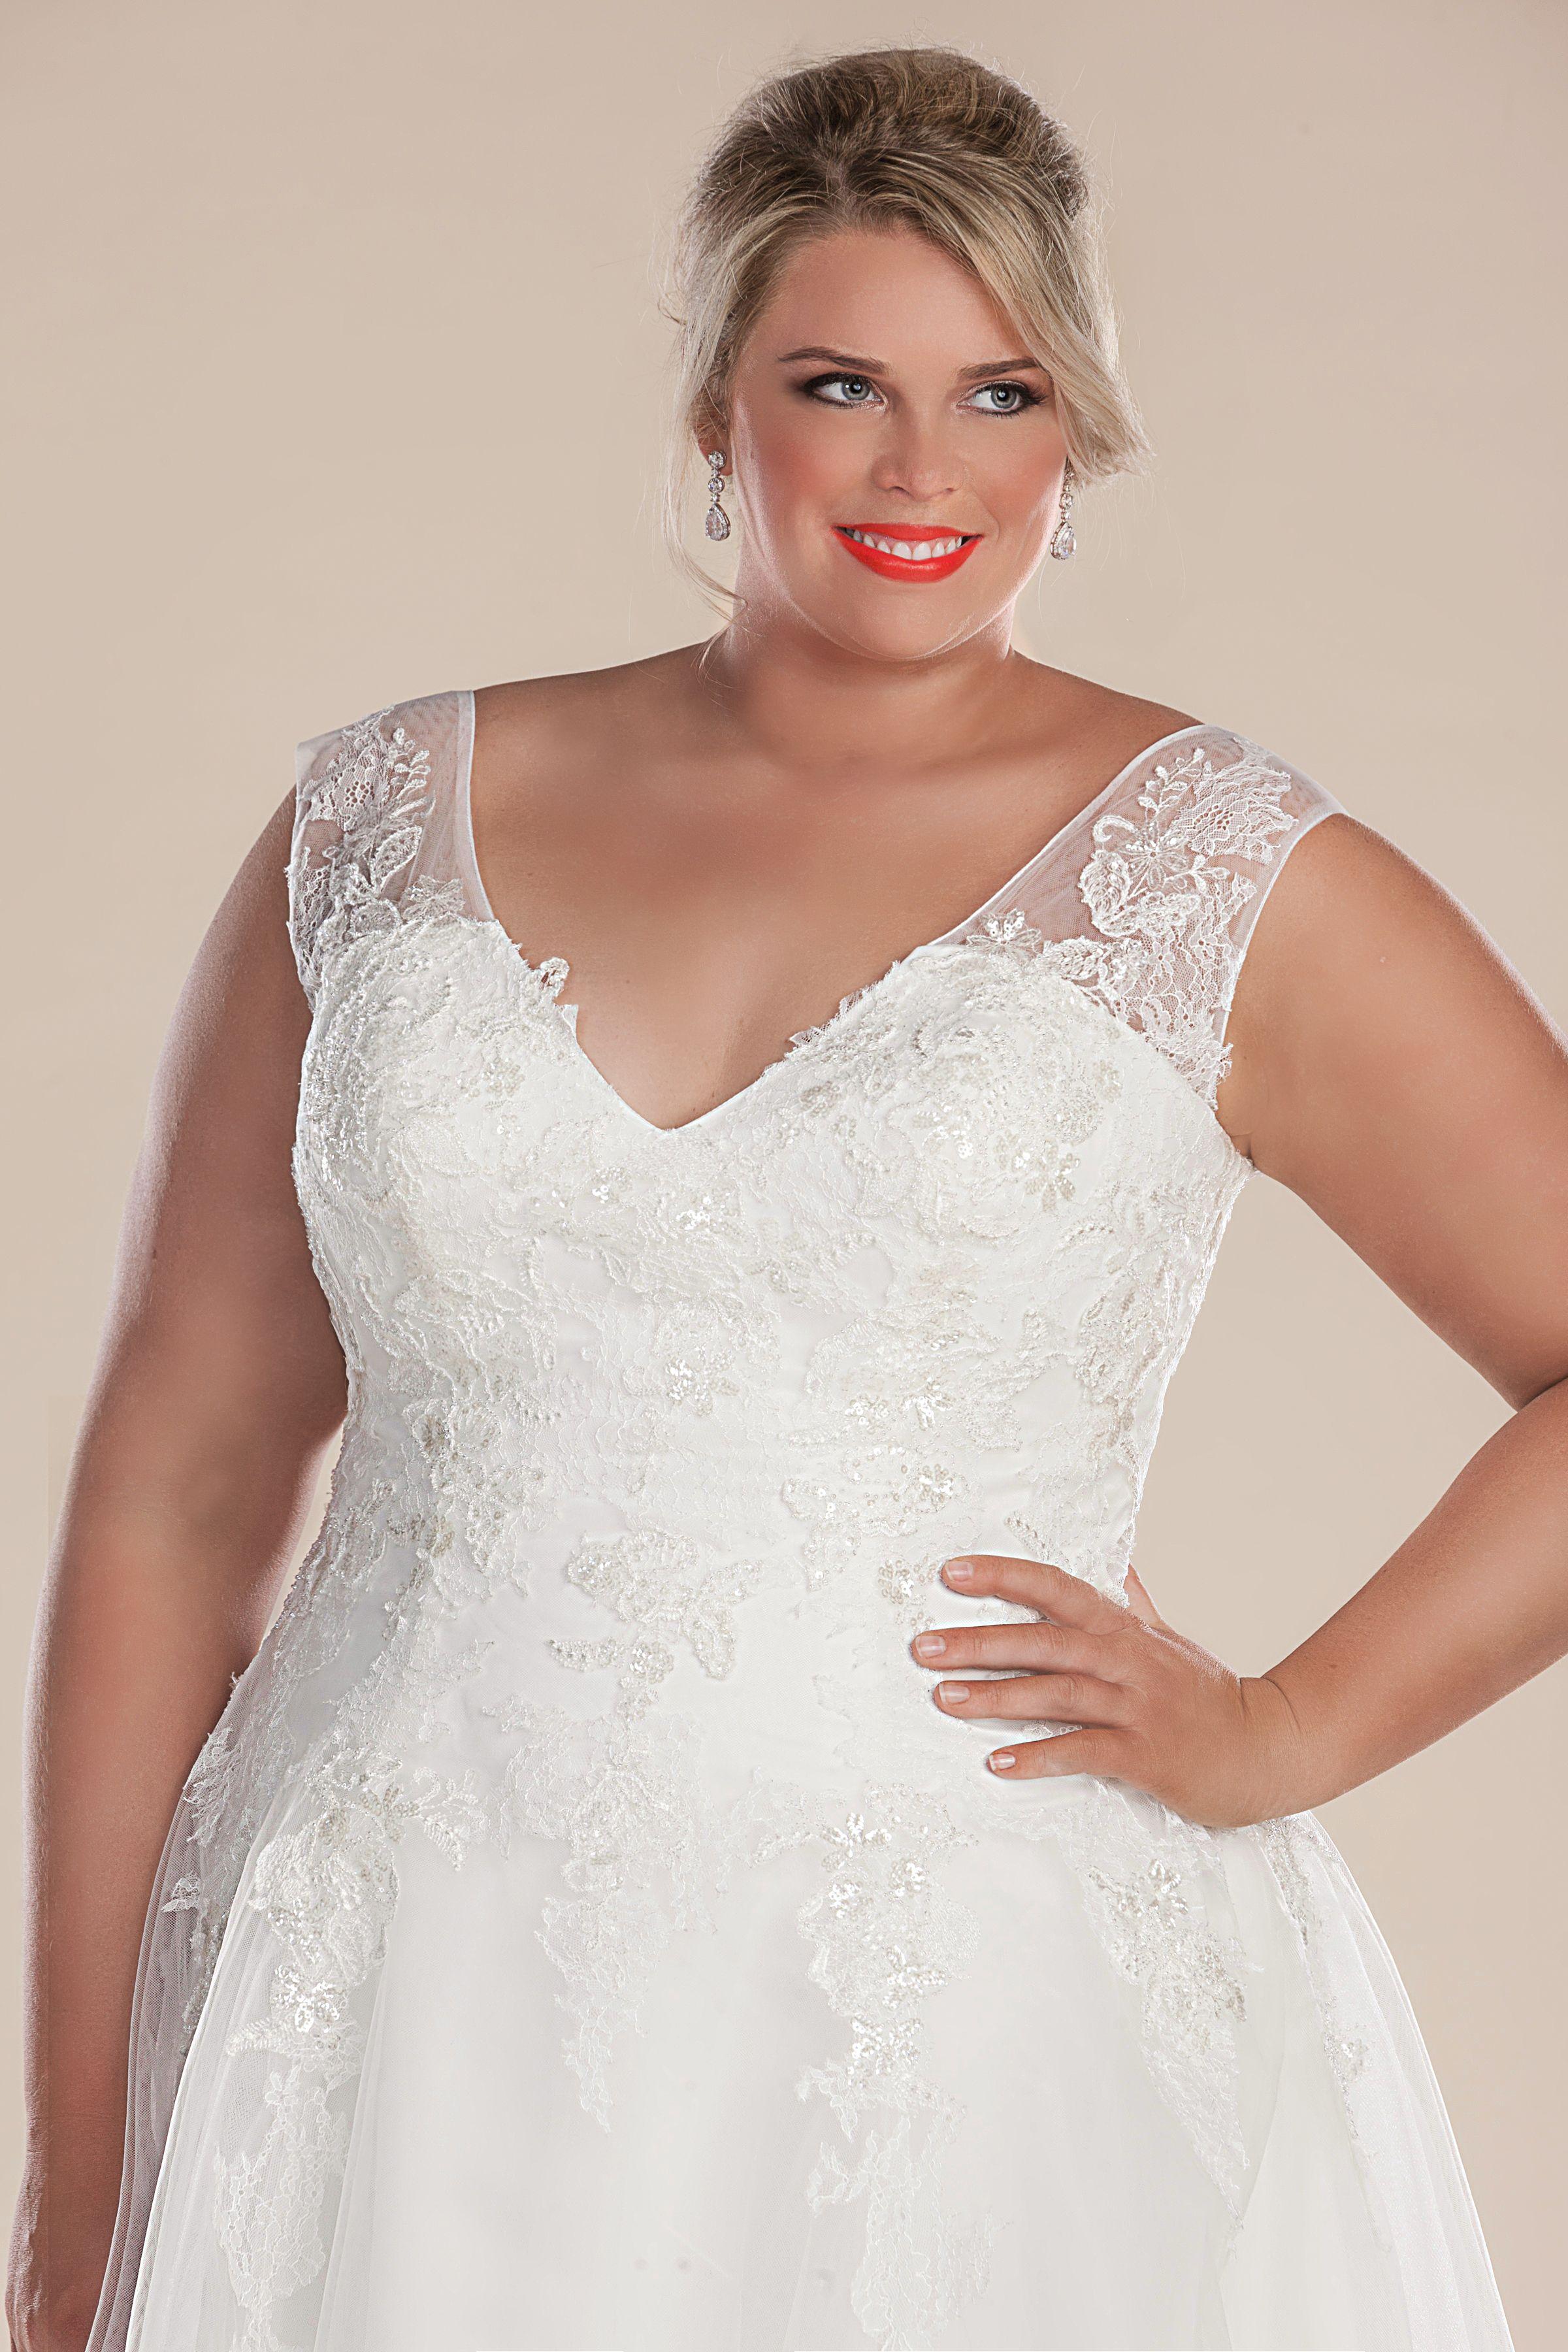 Plus size retro wedding dresses  retro short plus size lace wedding dress  Perfection Collection